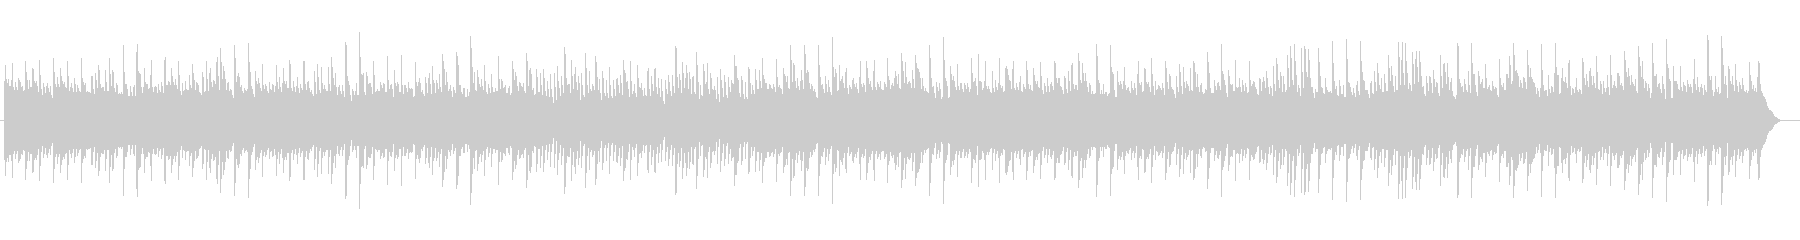 シンプルで切ないアコギバラードサウンドの未再生の波形